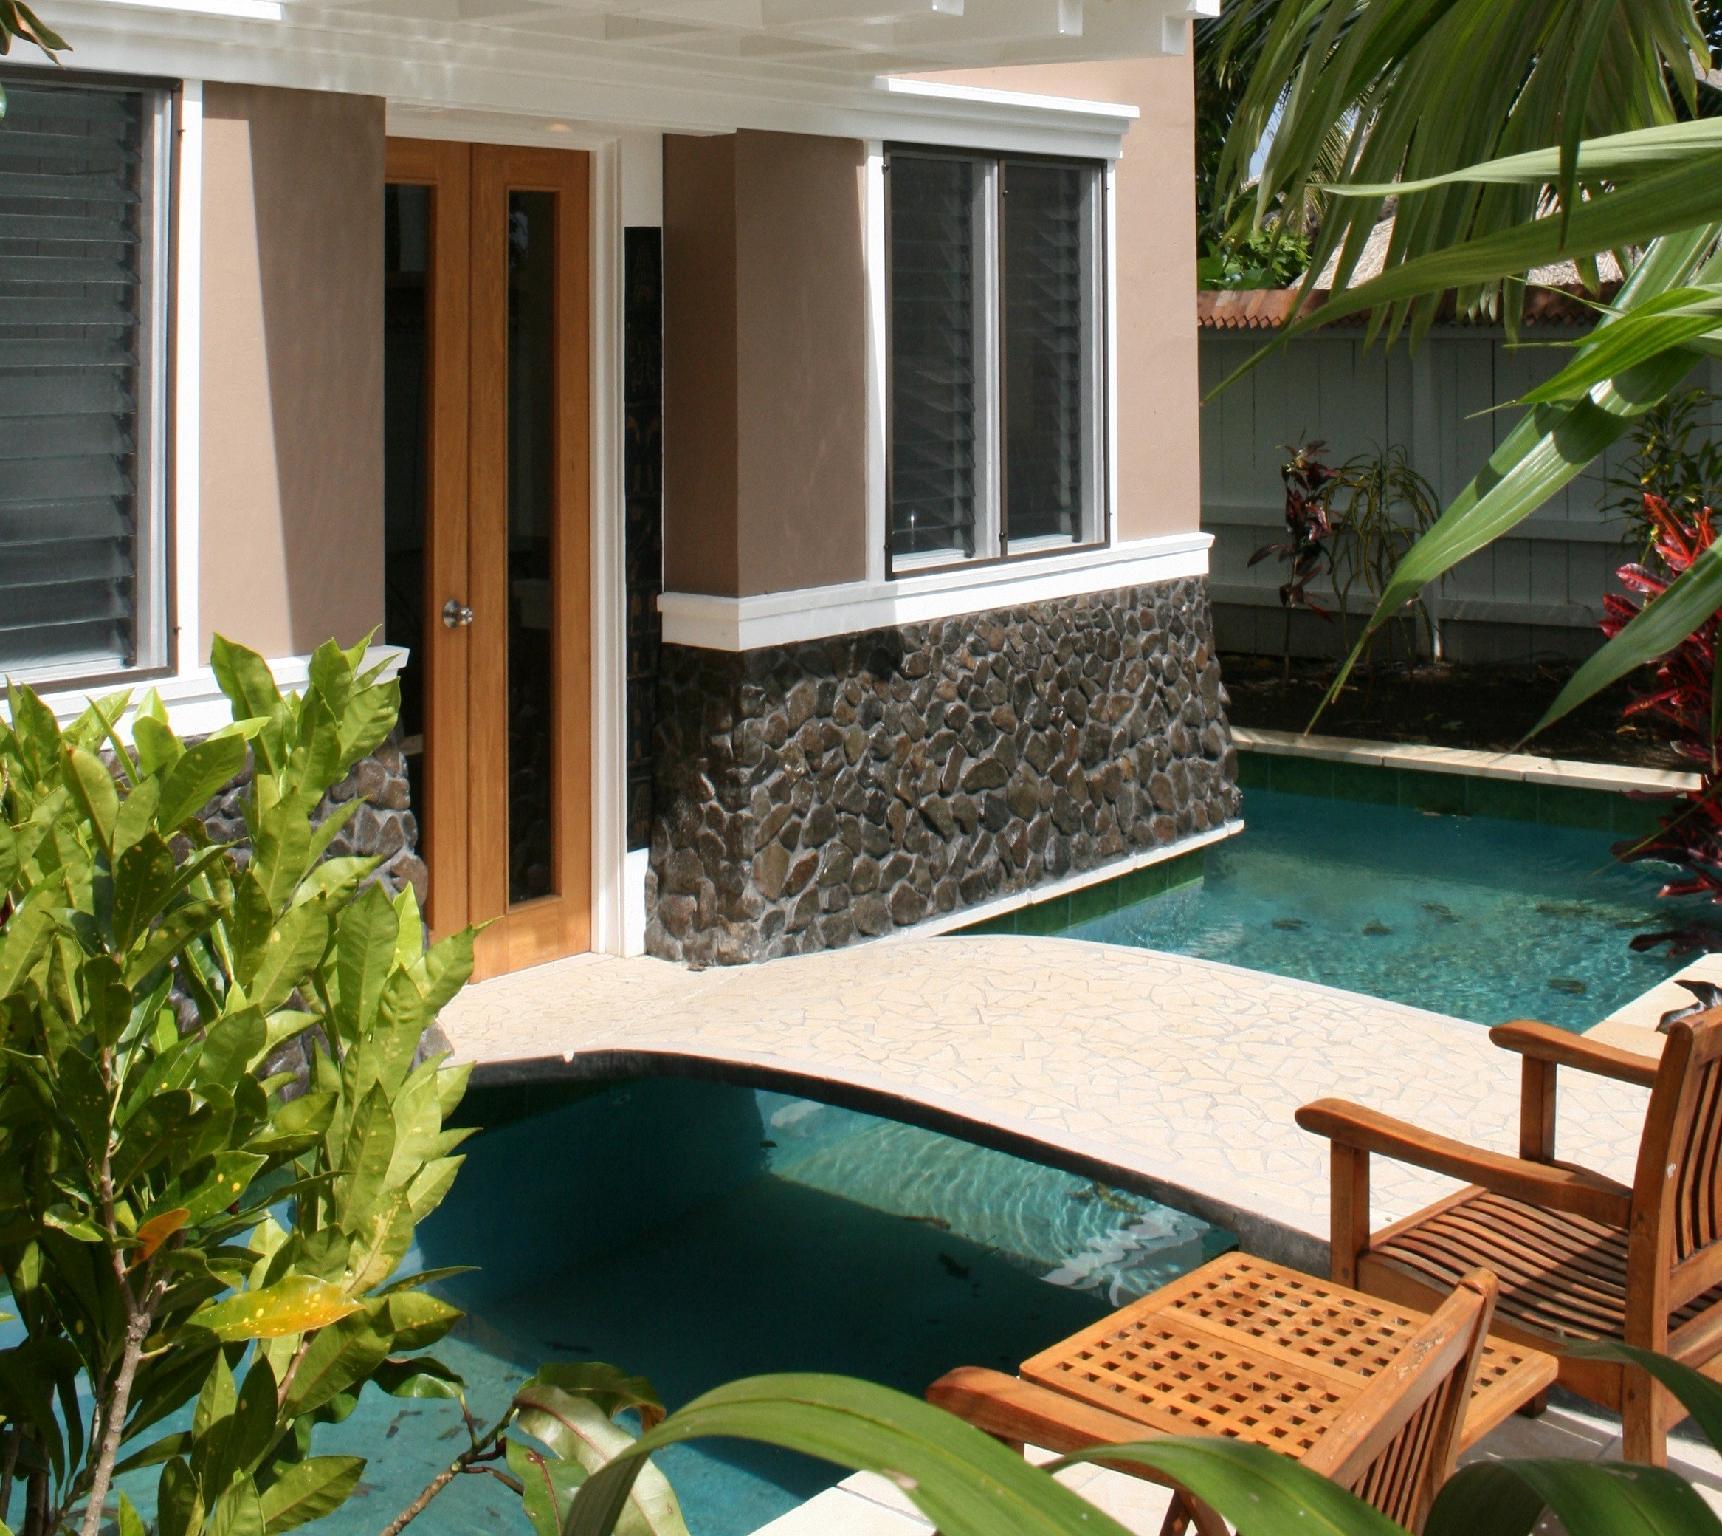 Koro Sun Resort and Rainforest Spa, Cakaudrove